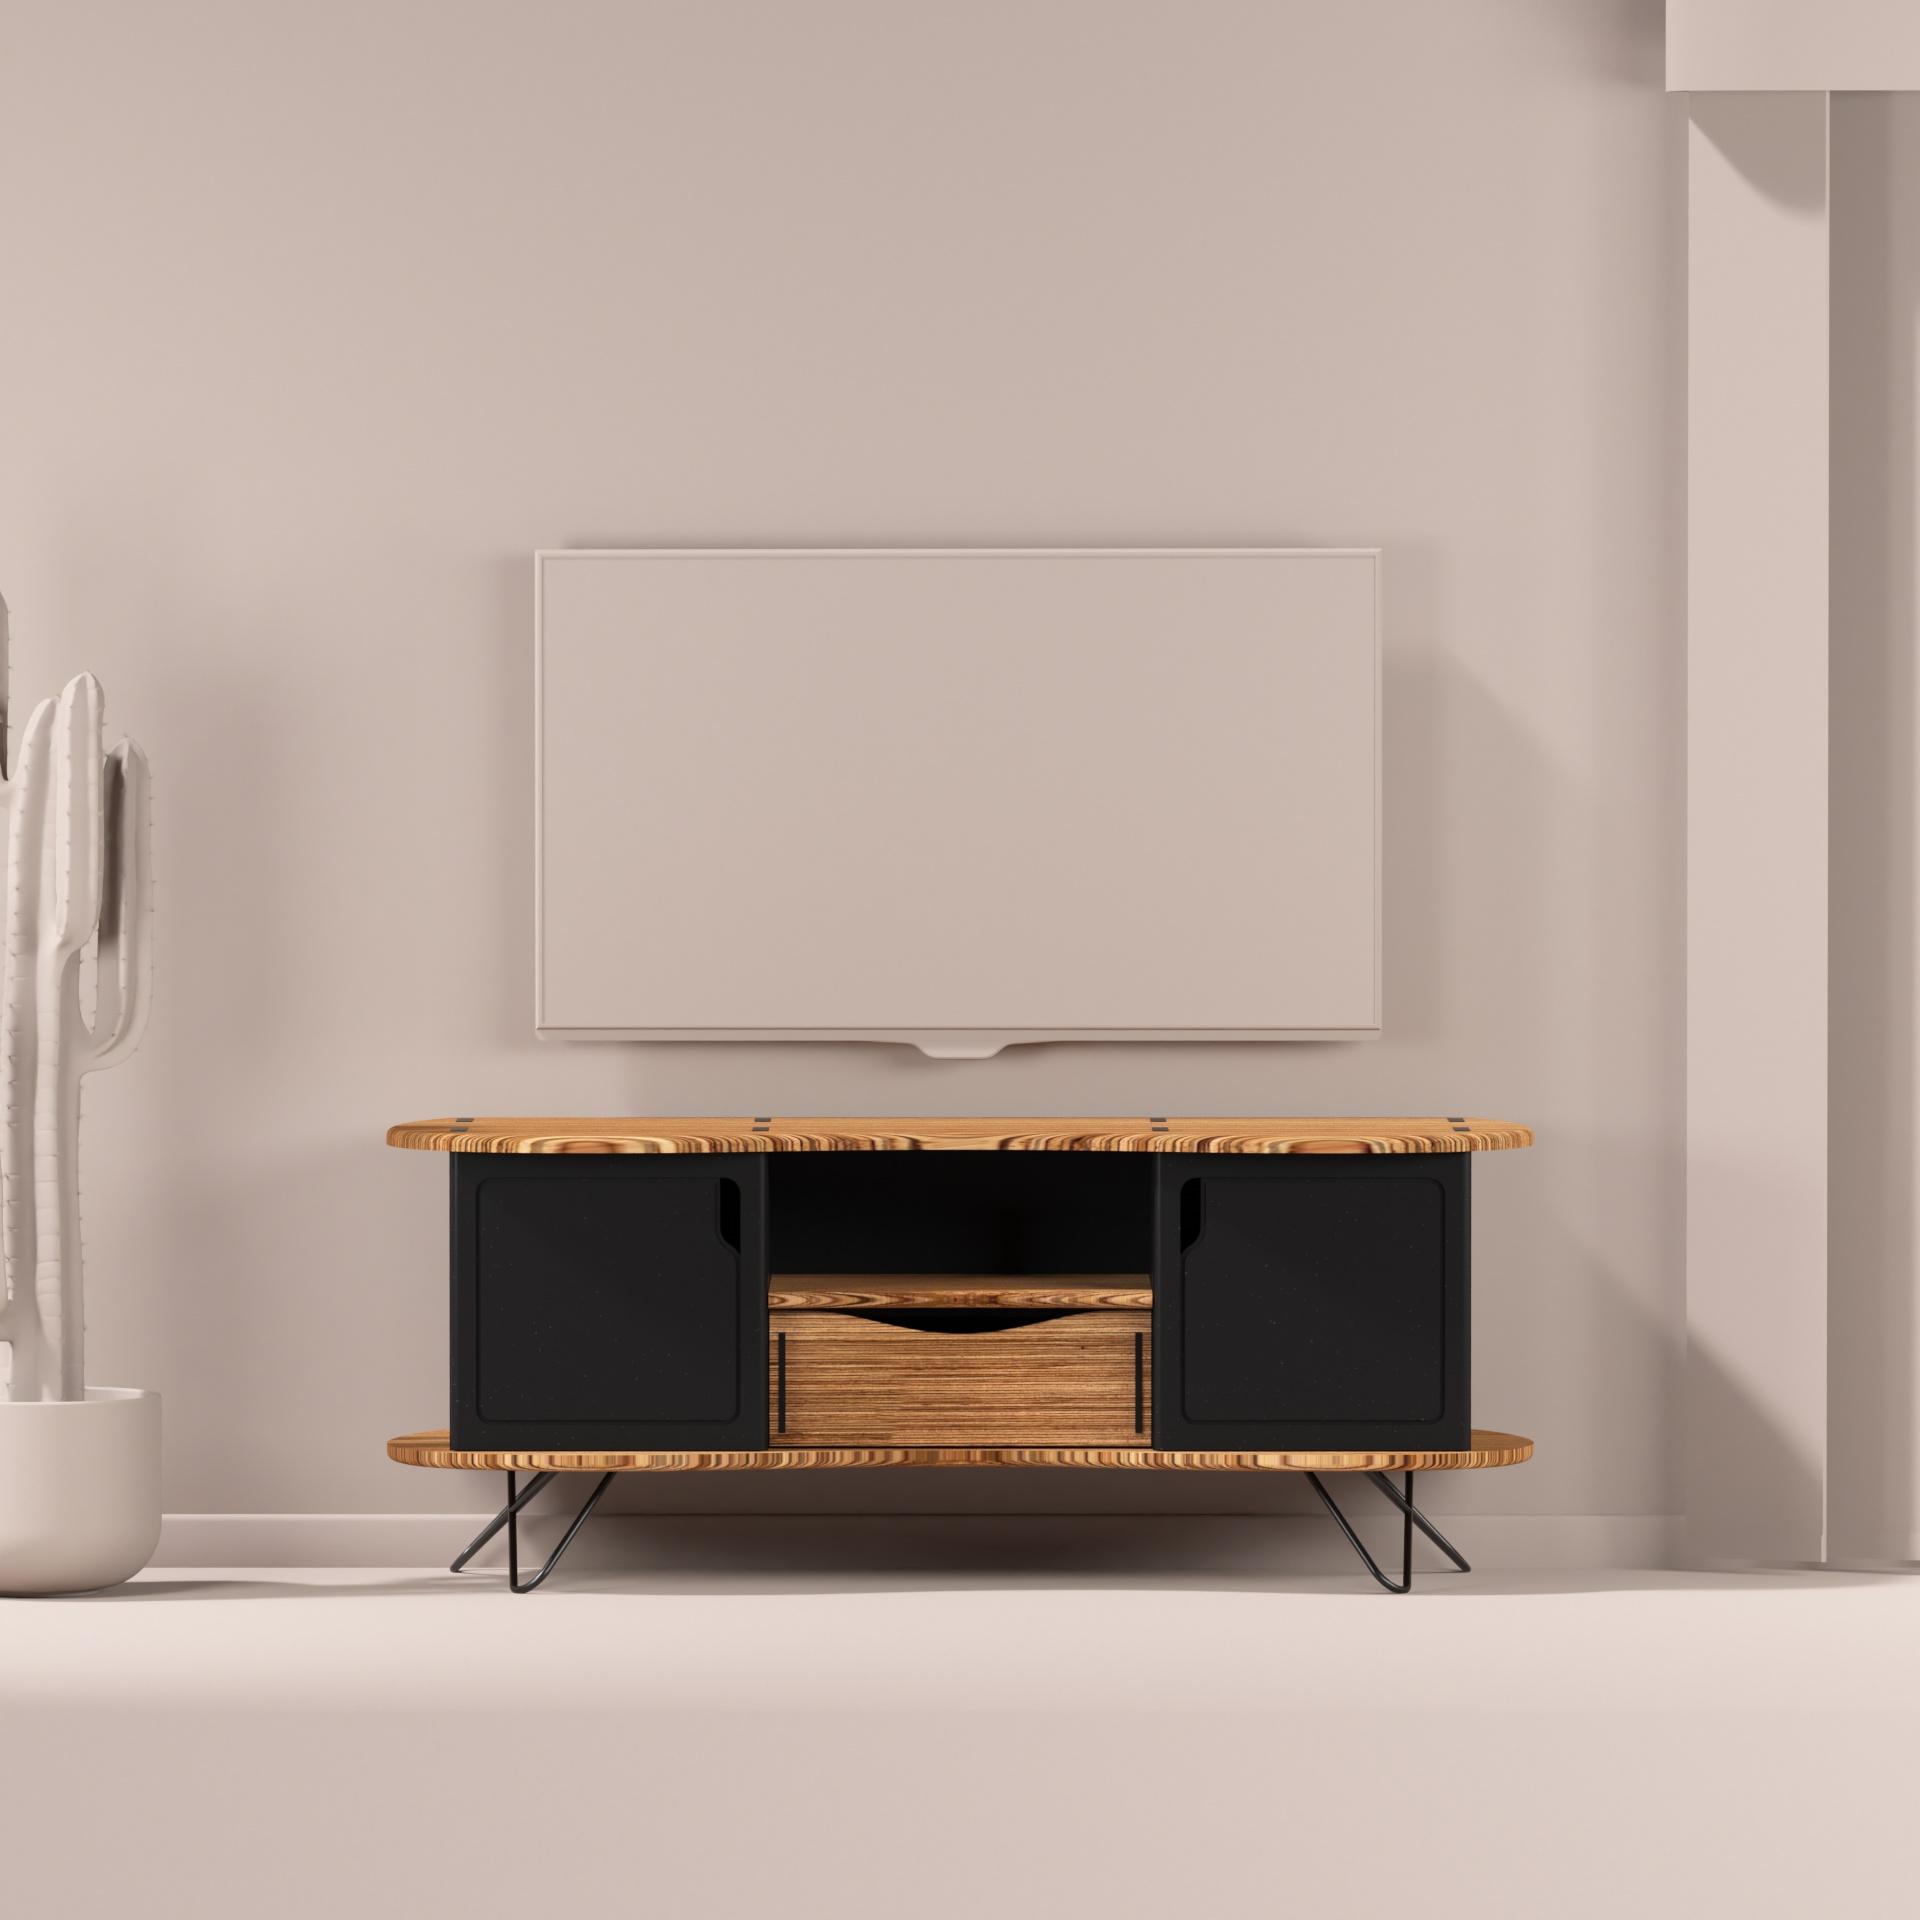 meuble télé design noir Augustine 140 cm UN CHAT DANS LE TIROIR (1)